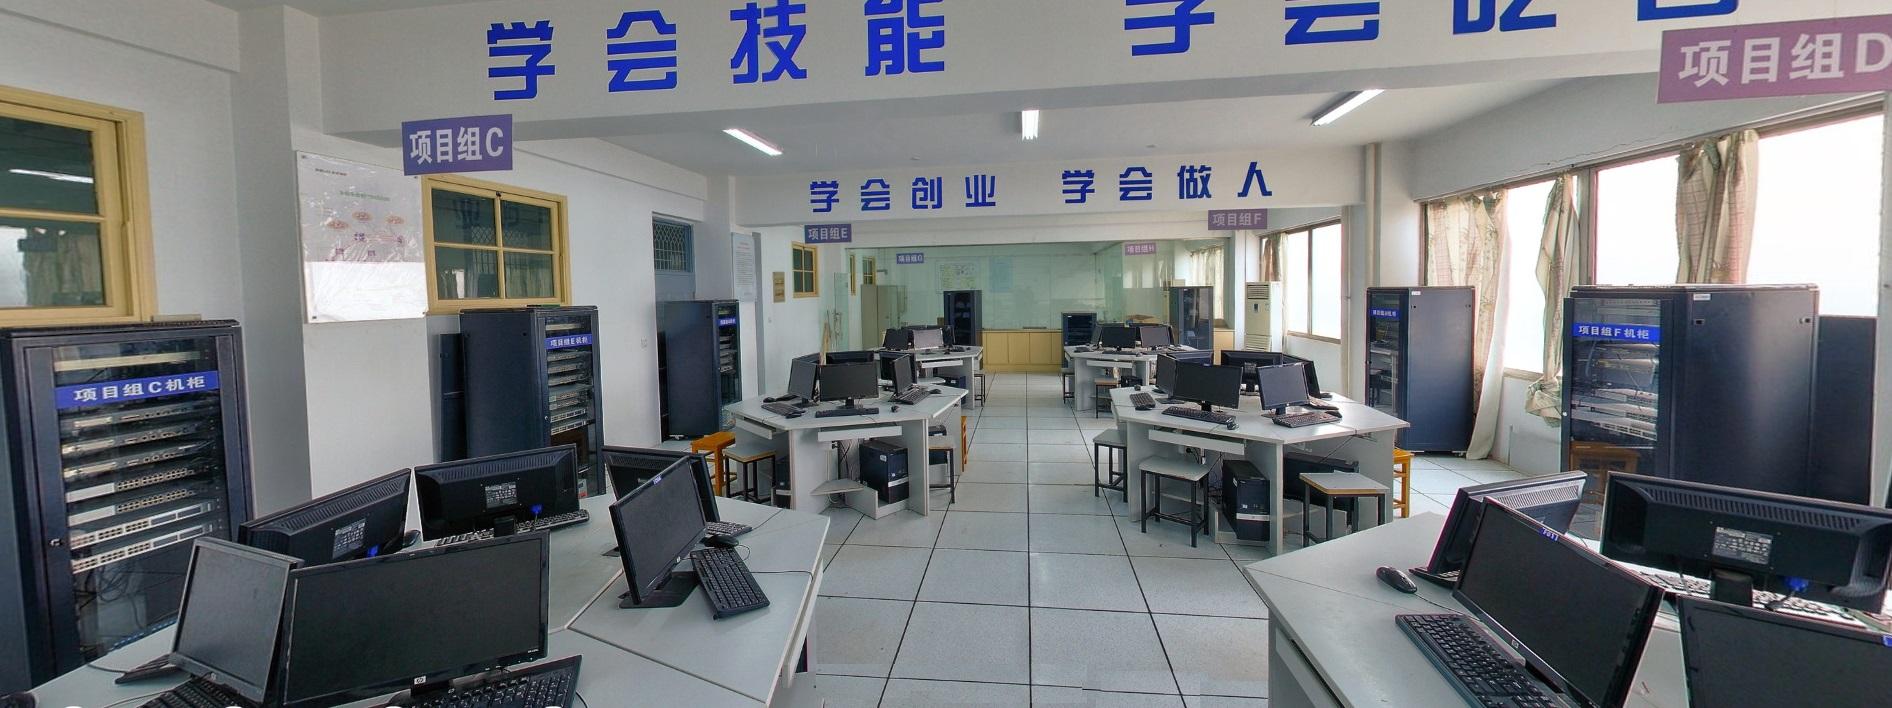 南京科技职业学院.jpg